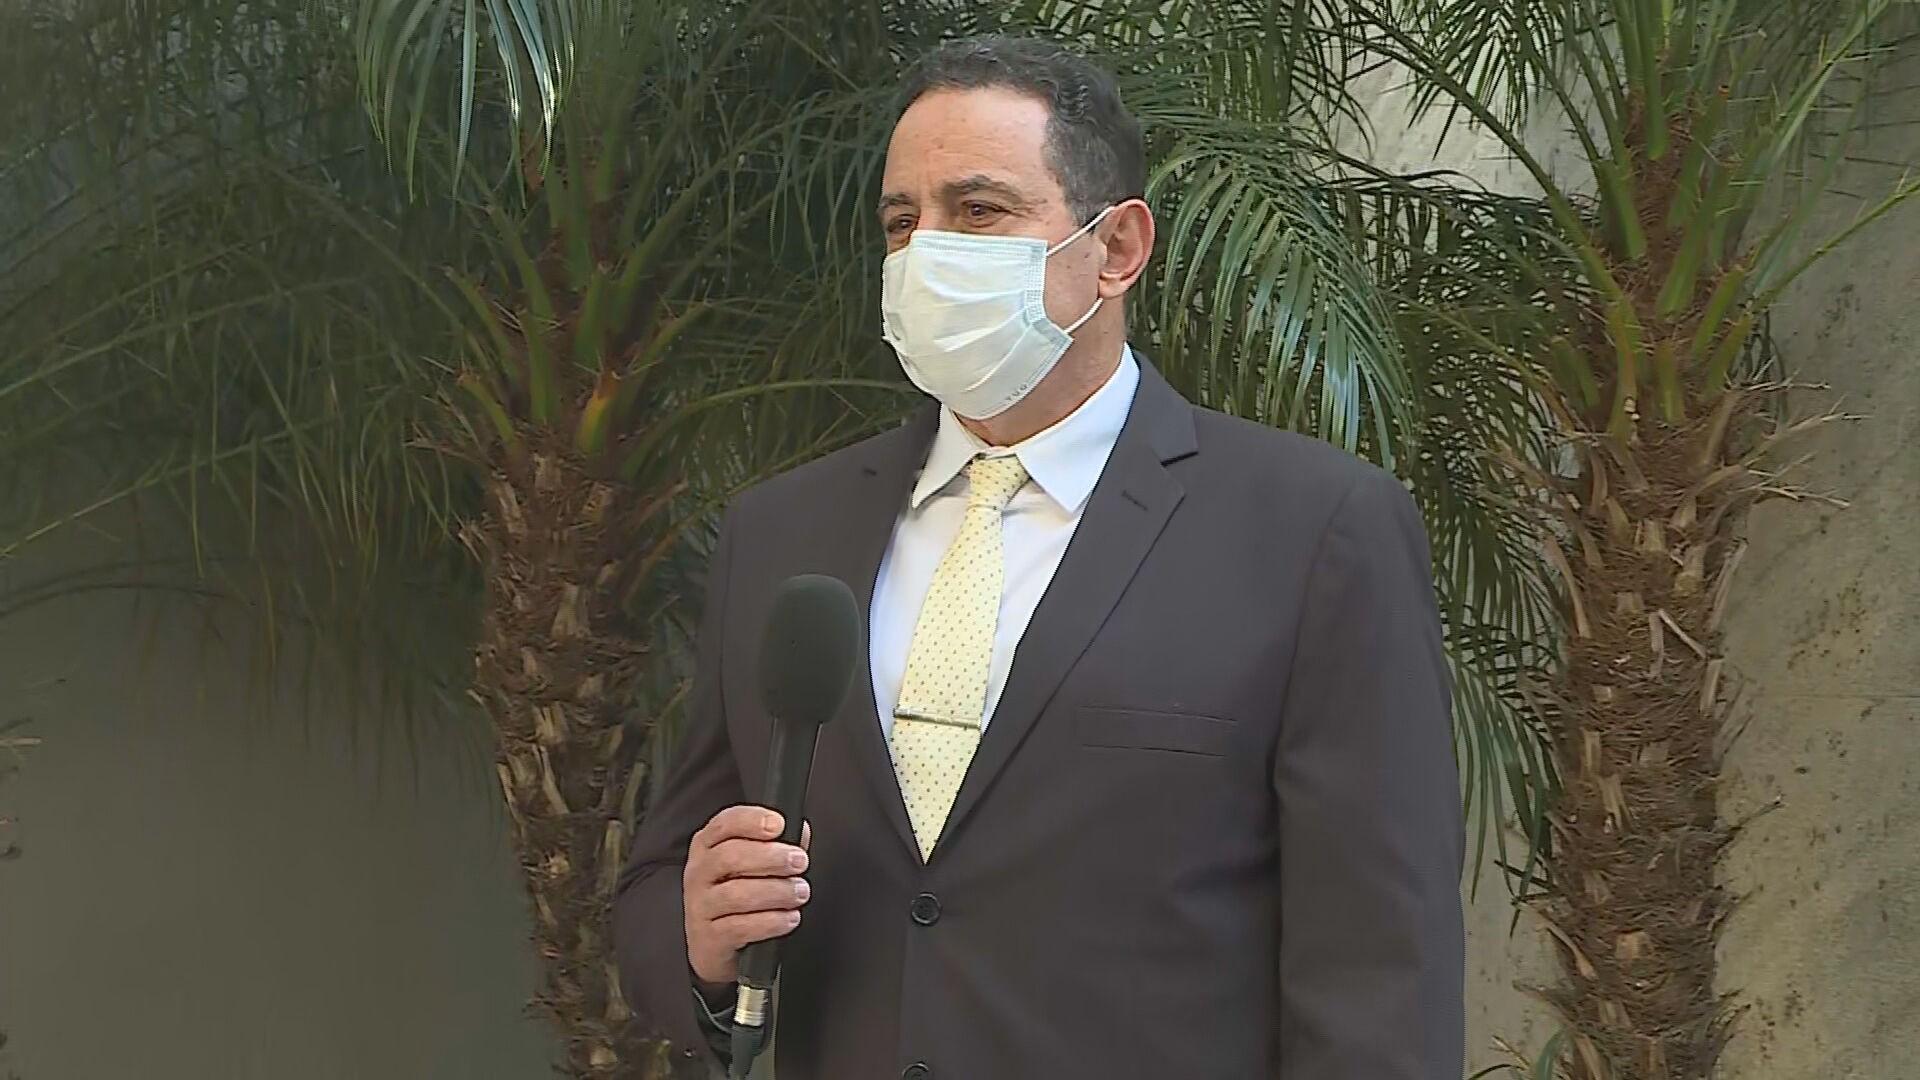 Coronavírus: Procon diz que 80% das reclamações da semana são sobre mensalidades escolares e pacotes de viagens